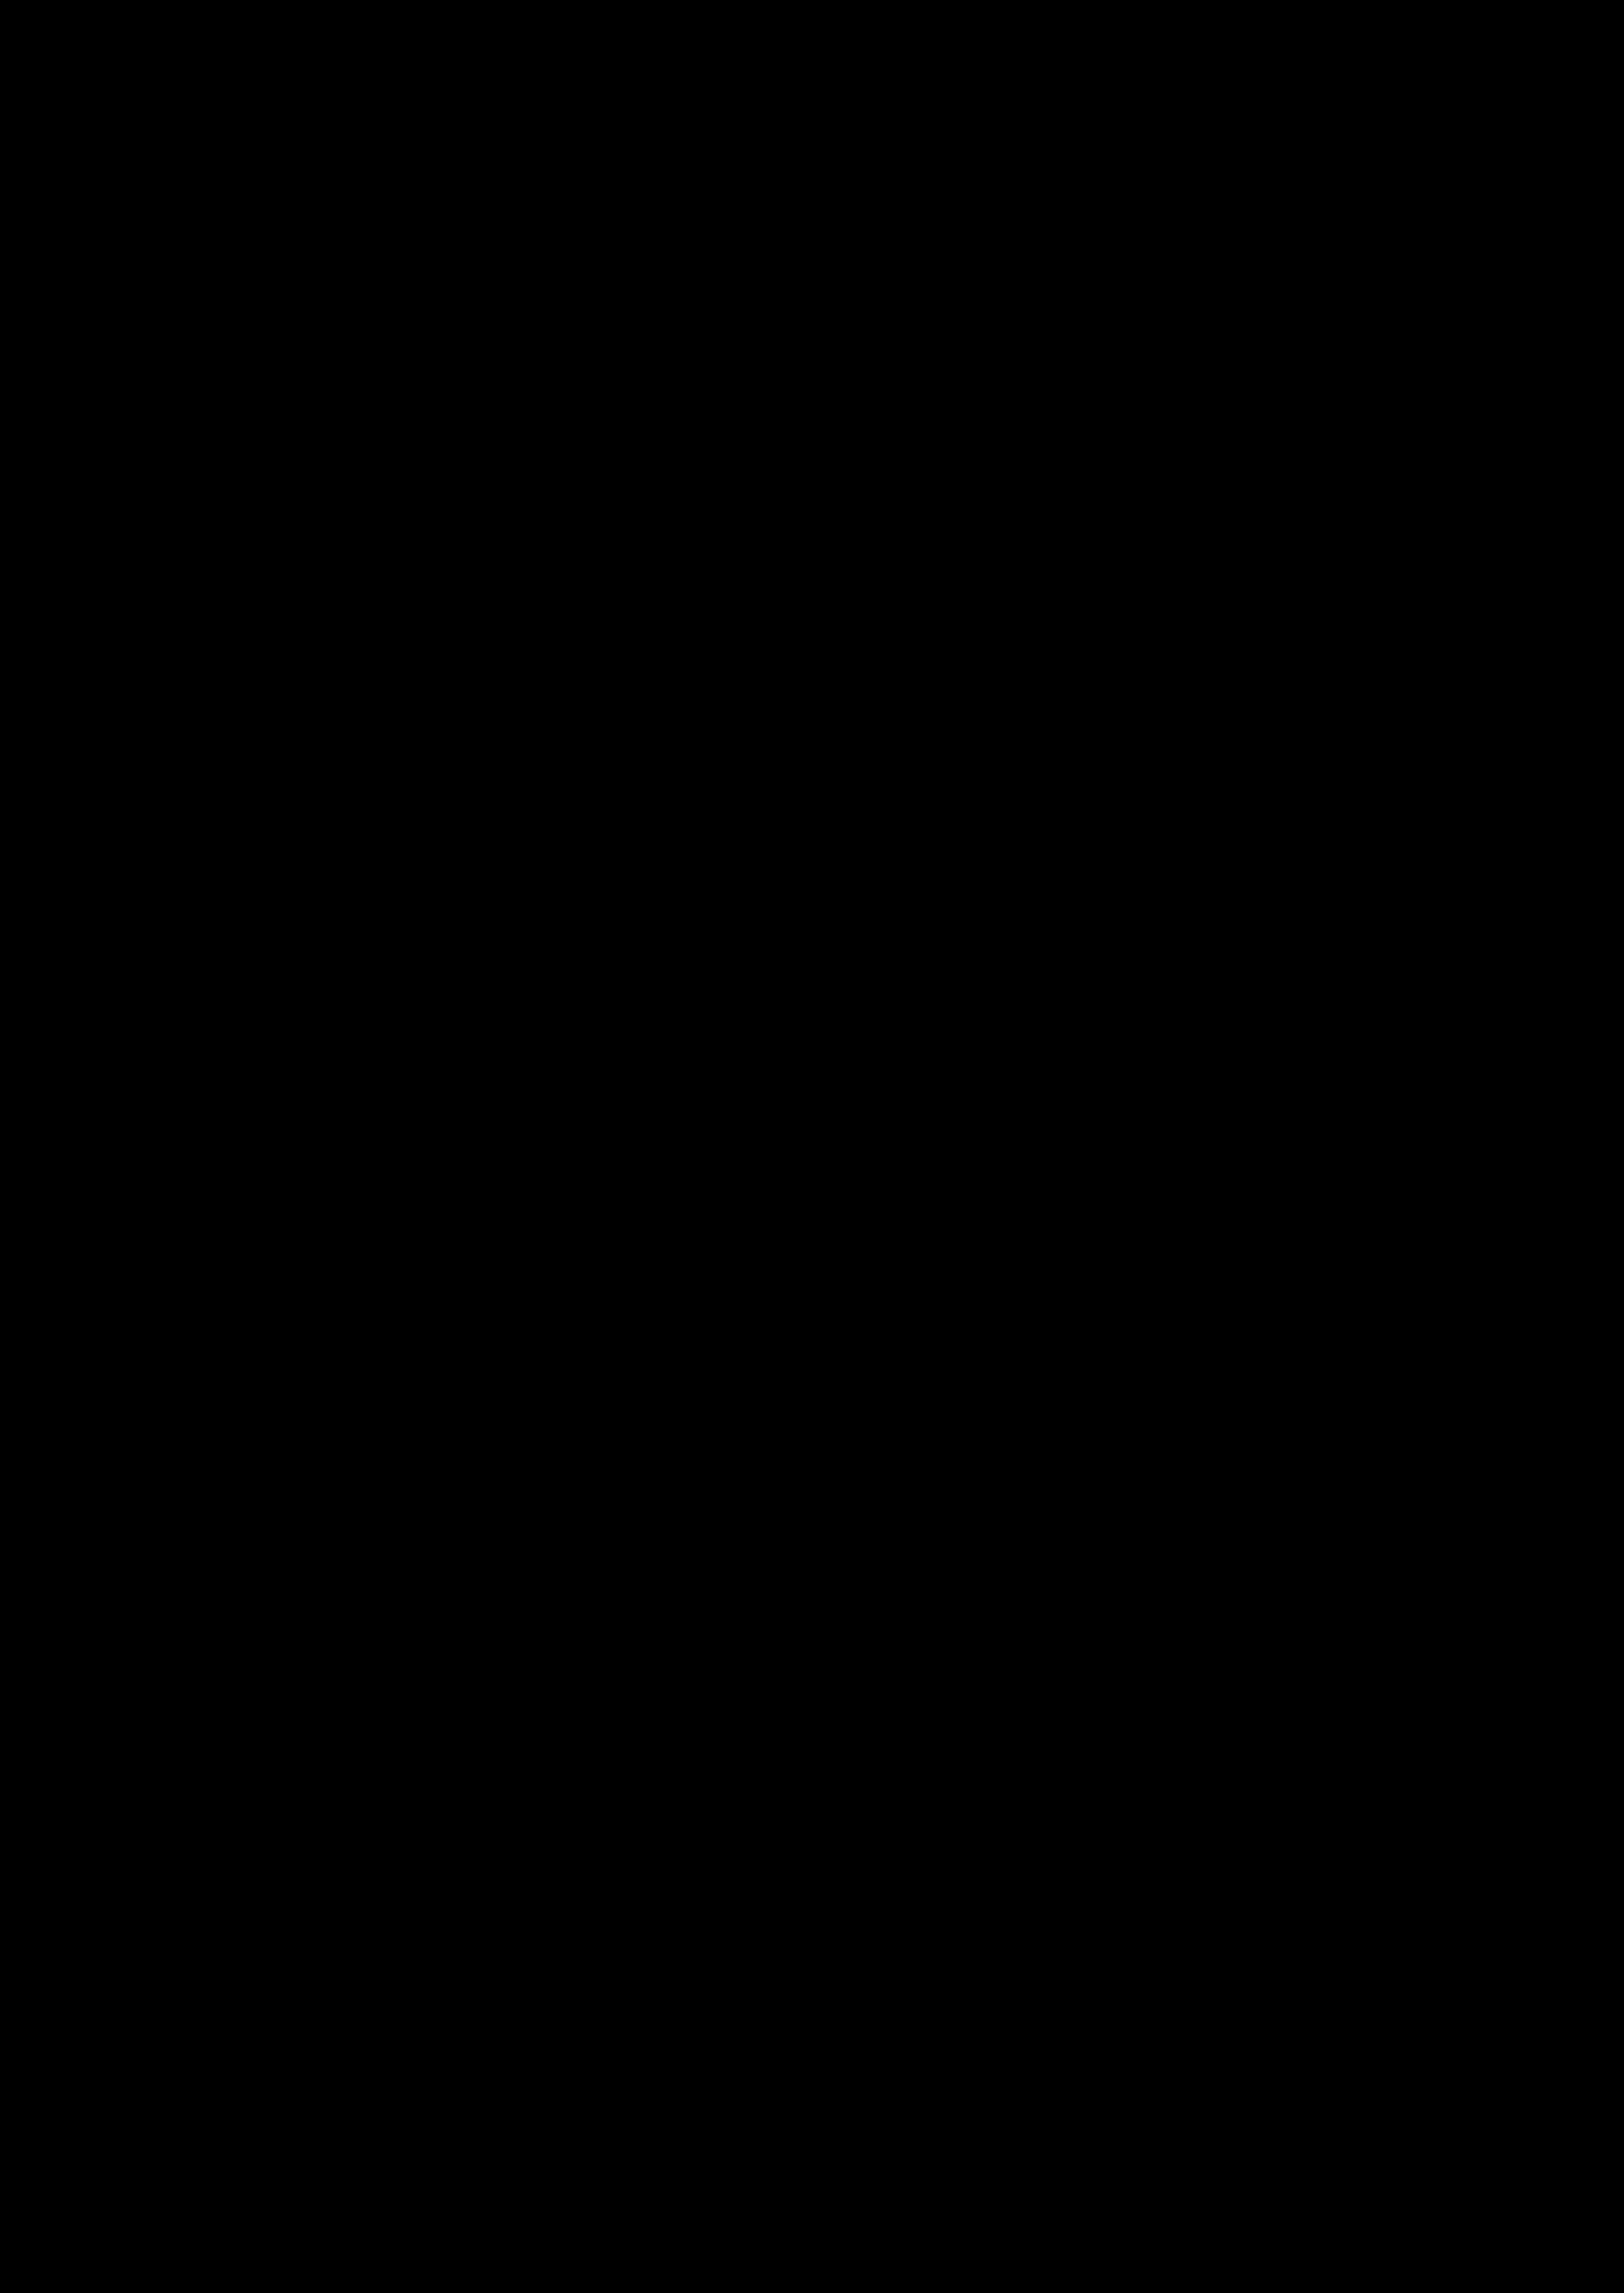 """dq s Dq门店不断以新形象面向大众,主要有科幻系""""星空主题旗舰店""""、""""星际特工主题店"""";时尚运动系""""摩拜单车主题店"""",在传统的美式风格上添加新鲜元素,形成独创."""